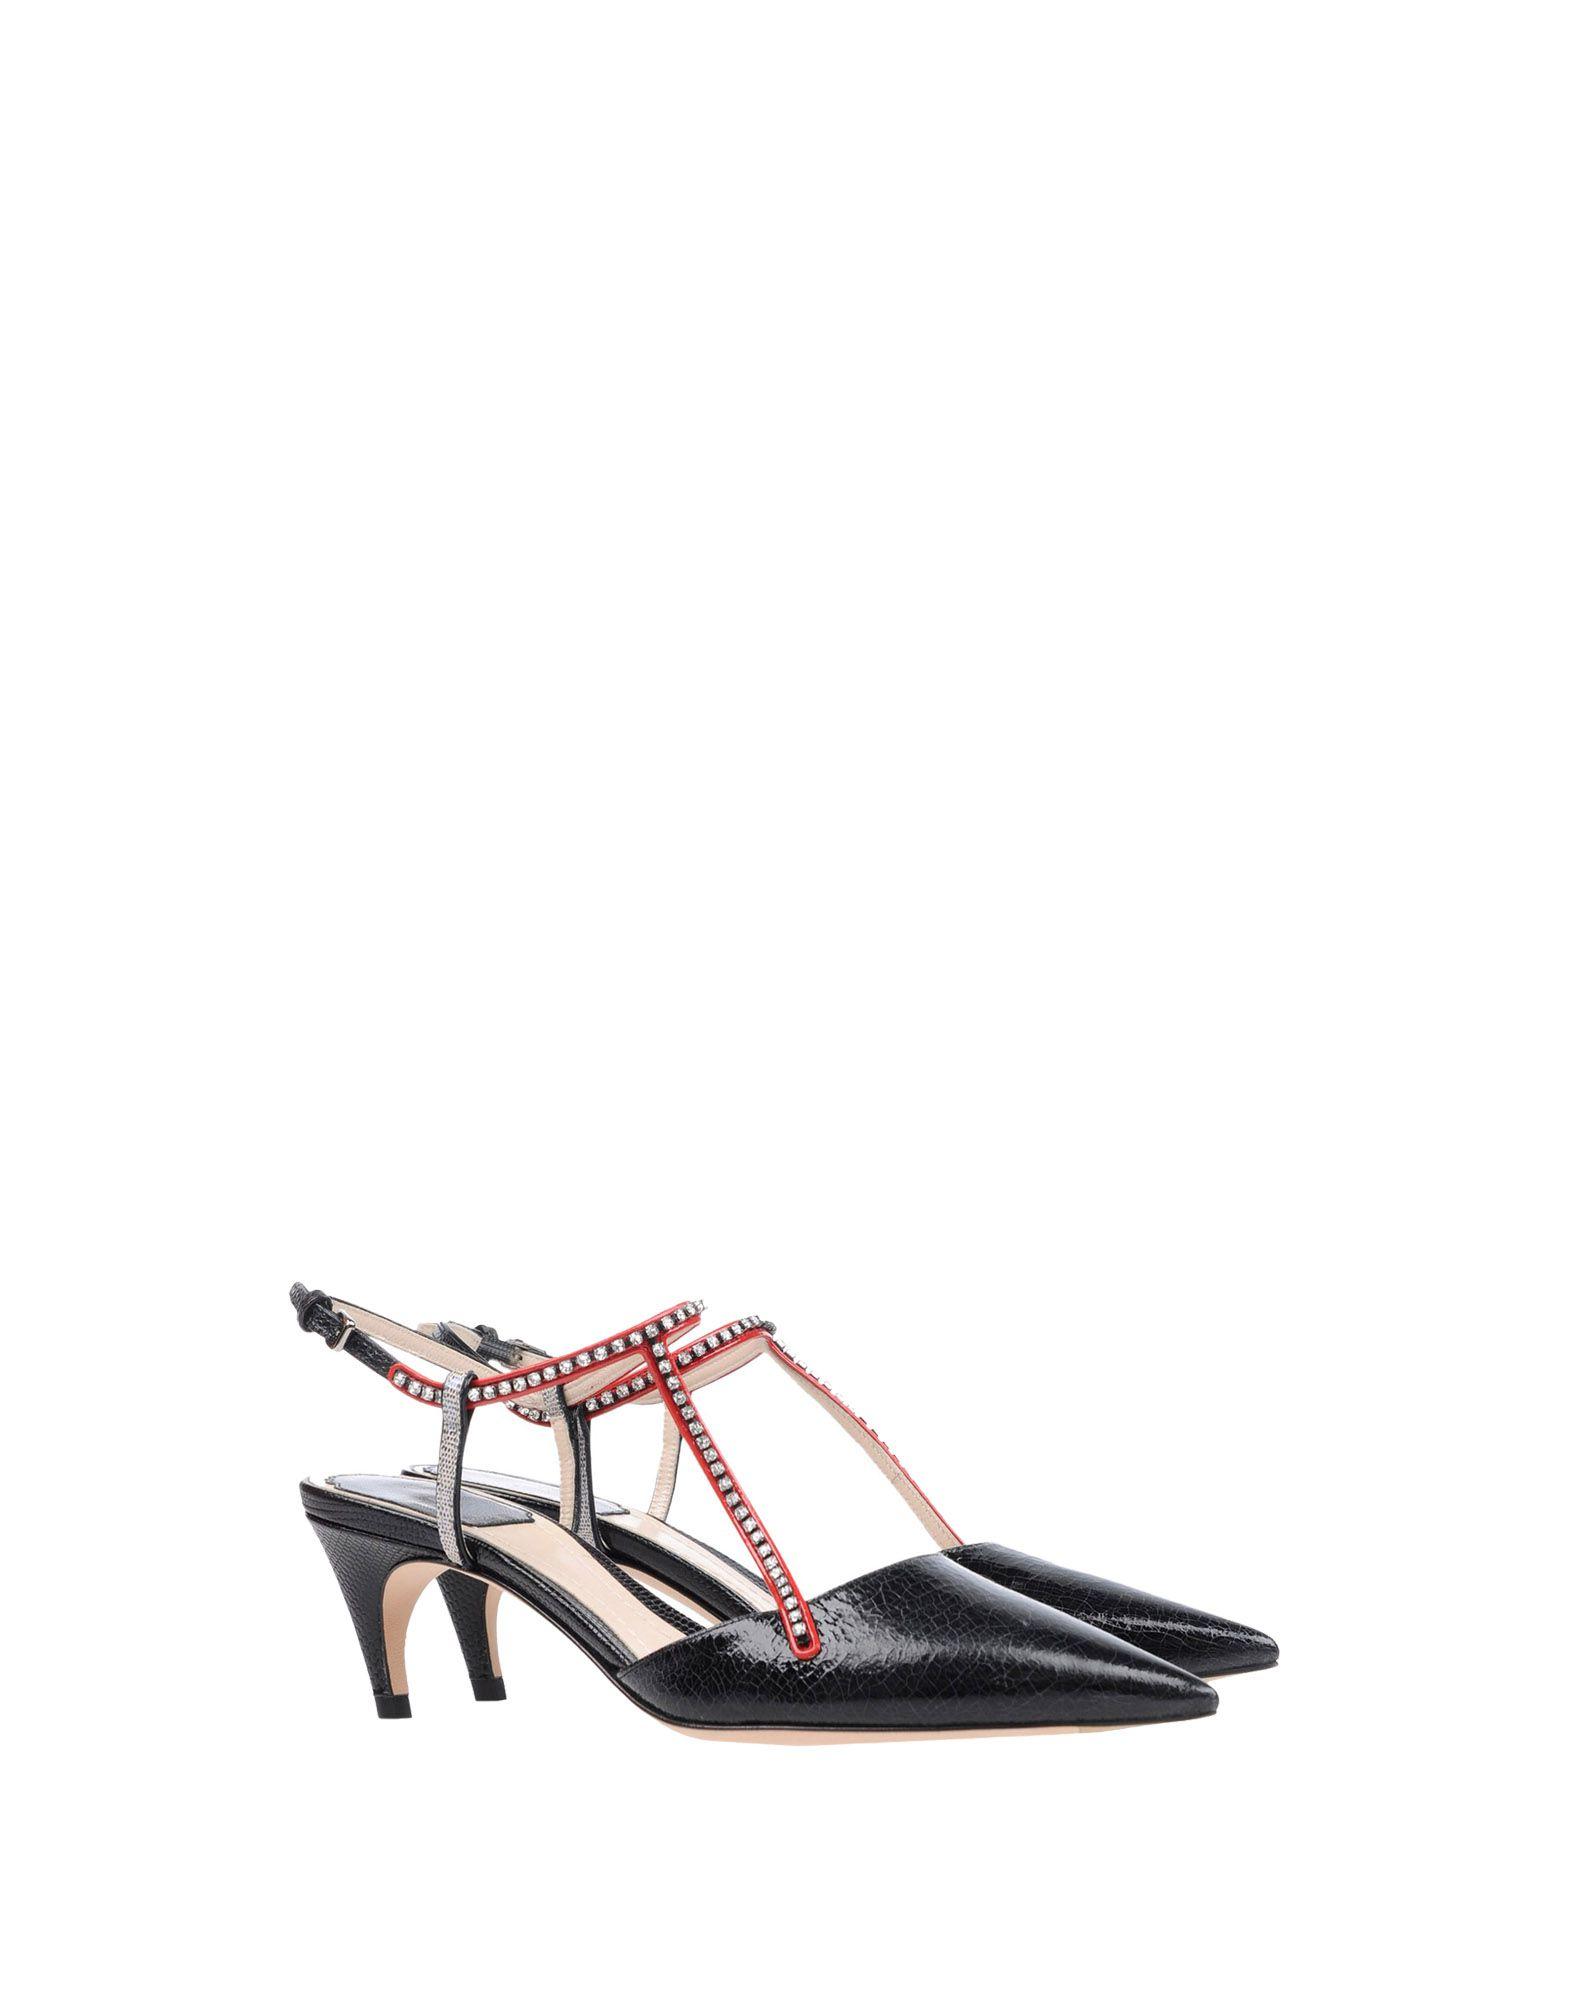 Haltbare Mode billige Pumps Schuhe Dior Pumps billige Damen  11343025SG Heiße Schuhe 5936ec